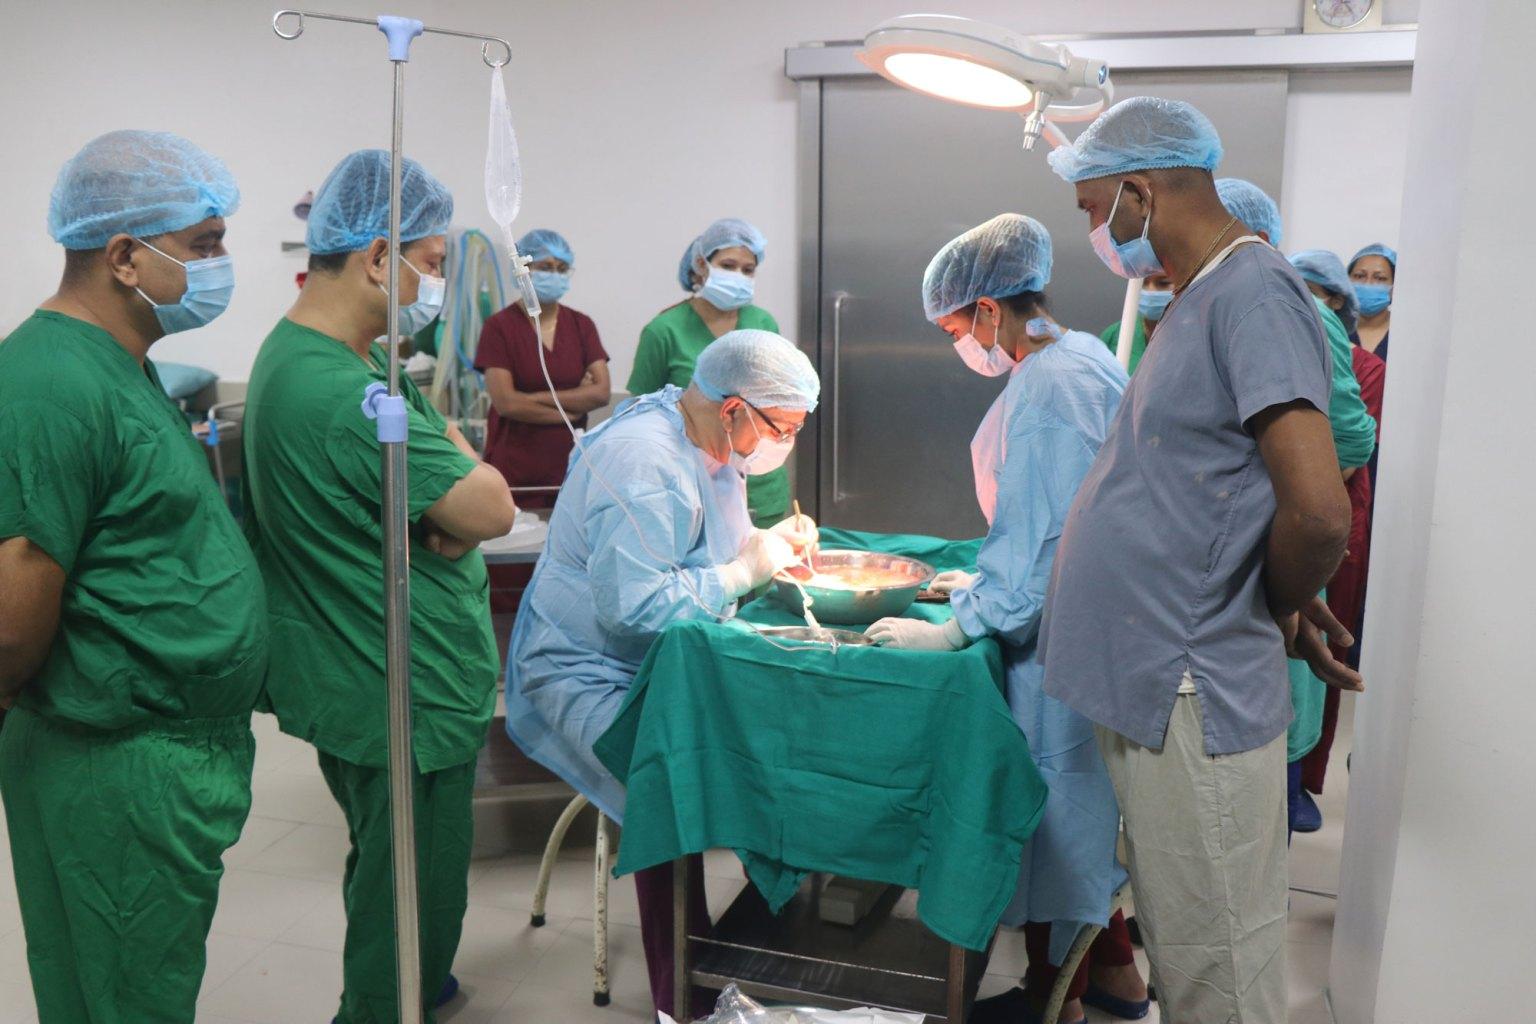 नोवेल अस्पतालमा मृगाैलाकाे सफल प्रत्यारोपण श्रीमतीले दिइन् मृगौला